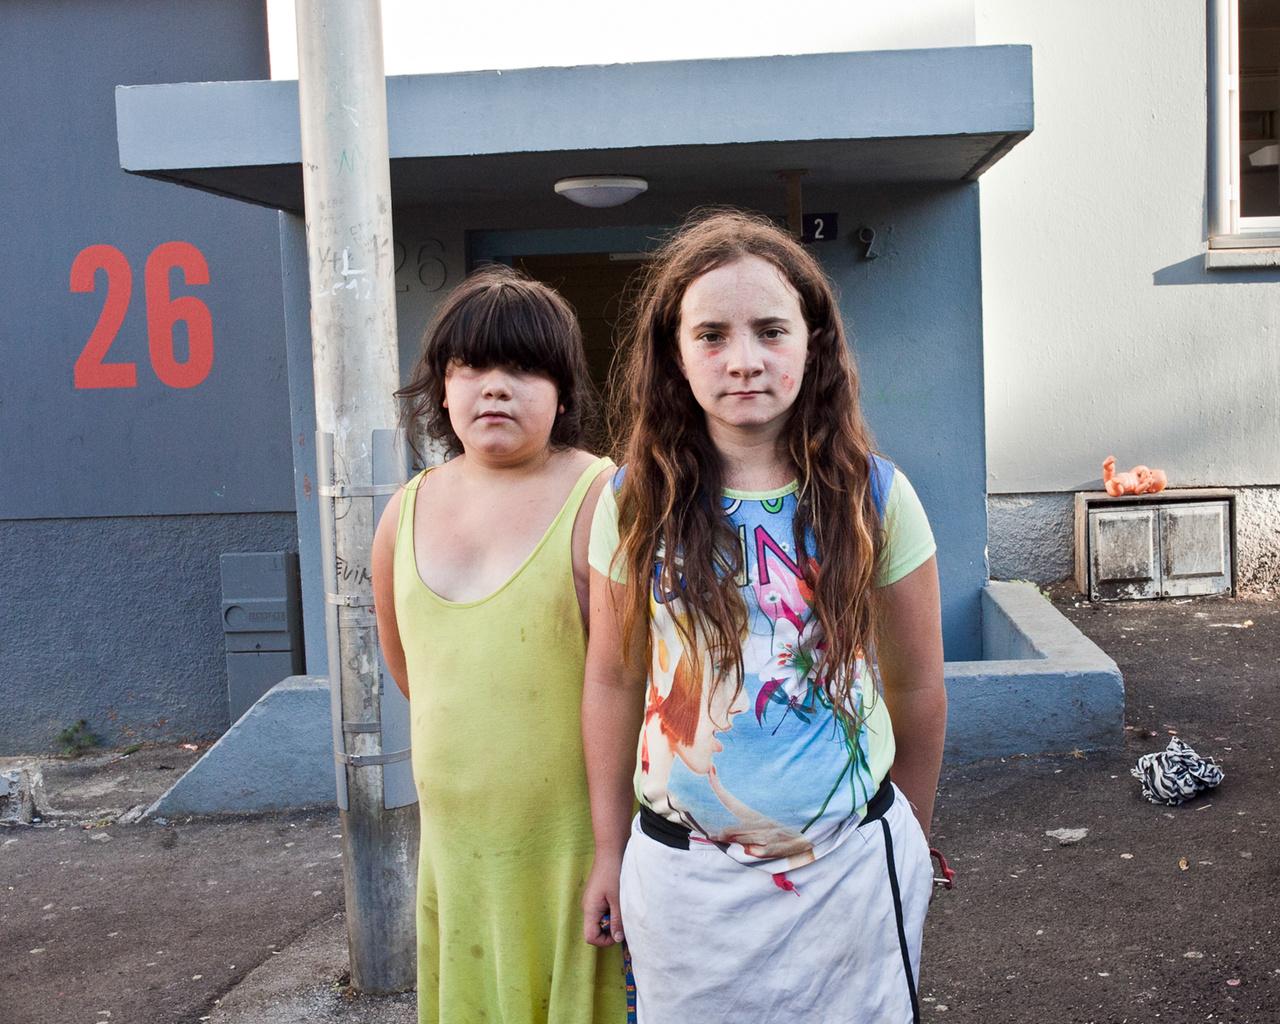 Balra a csodálkozóbb Maddelena, mellette szigorúbb arccal Ilona. A lakótelepek egyik legjellemzőbb vonása, hogy nincs ott semmi. Ilonáék ezt épp a nyári szünetben élhetik át, mert a szüleik nem tudták befizetni őket táborokba vagy bármi más utazásra. Saját tapasztalataim alapján a lakótelepi gyerekek egyébként a mindent elborító sivárságot nem élik meg olyan tragikusan, mint a szüleik vagy a külső szemlélők.  Csak a képen például egy bő órányi játék van,  a kinn hagyott babát például el lehet rugdosni egy darabig, vagy be is lehet tenni a földön lévő csíkos szatyorba és úgy rugdosni.  A trafószekrénynek kinéző holmit pedig szinte muszáj teljesen kinyitni és megvizsgálni, félig már amúgy is nyitva van. Vagy ha szereznek egy csavarhúzót, talán le tudják feszíteni kettes számjegyet az ajtó mellőt, tök felesleges ezerszer kiírni a házszámot, és még jó lehet valamire. Persze a lányok jó eséllyel konszolidáltabbak, Ilona inkább ugrókötelezésből, Maddelena babázásból állhatott be egy gyors fotóra.